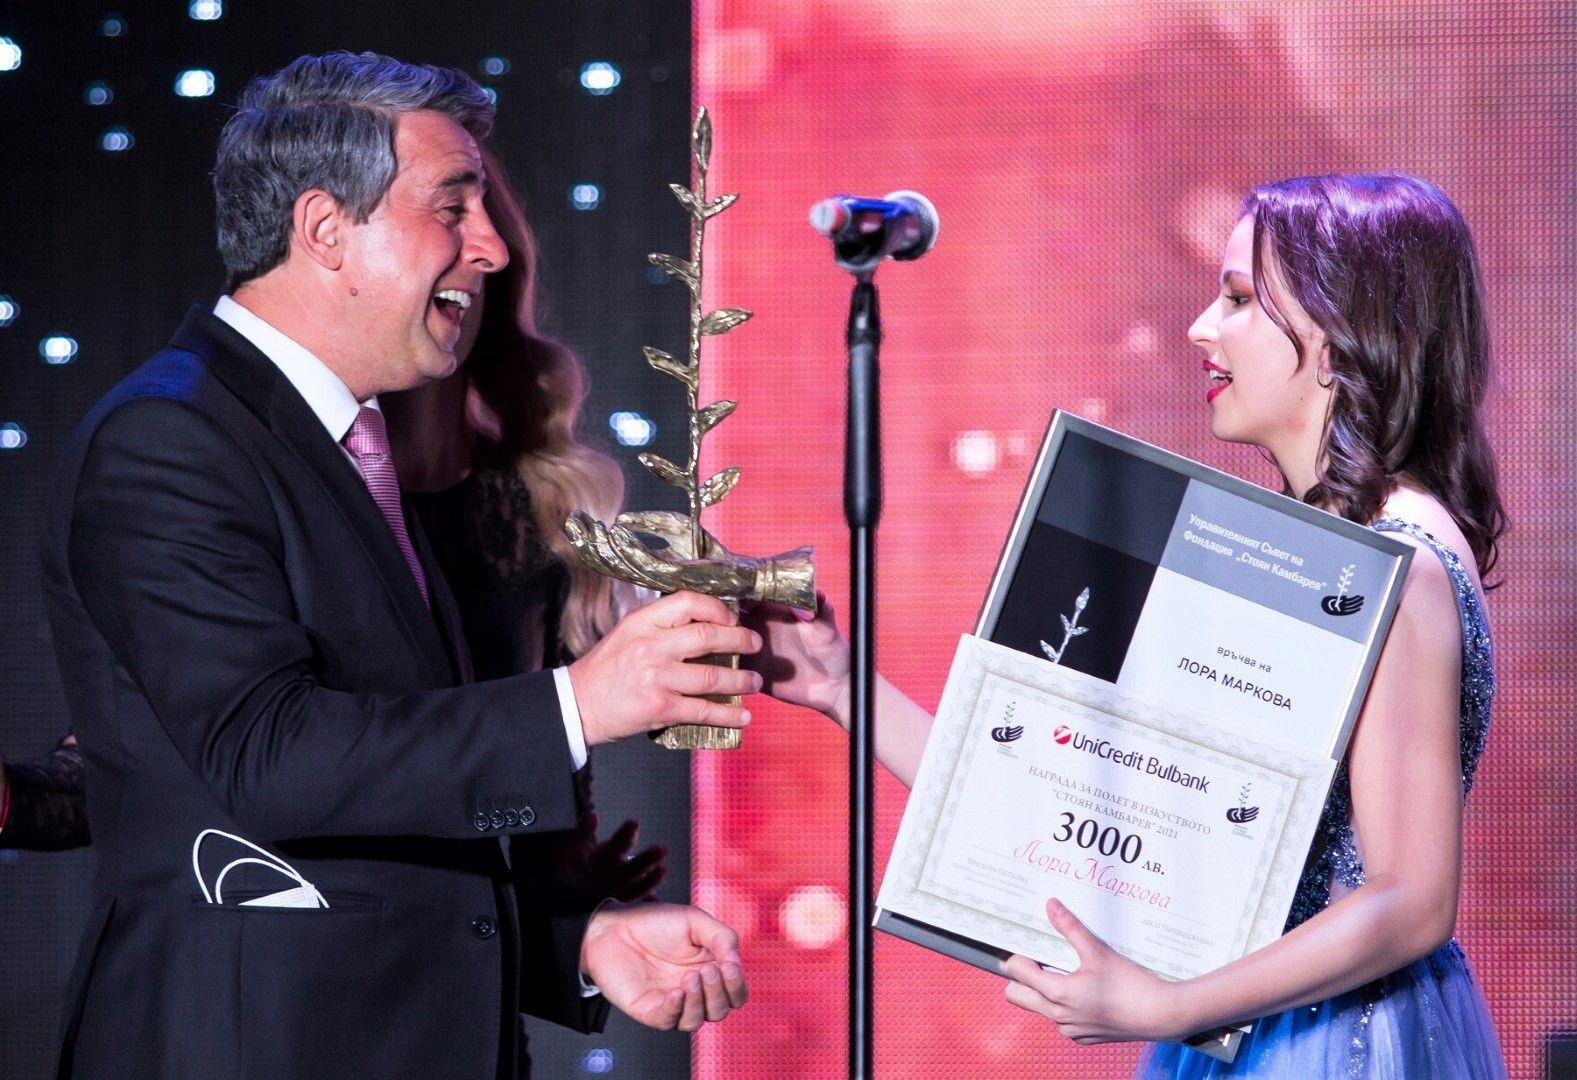 Президентът Росен Плевнелиев връчва Наградата за полет в Изкуството на Лора Маркова